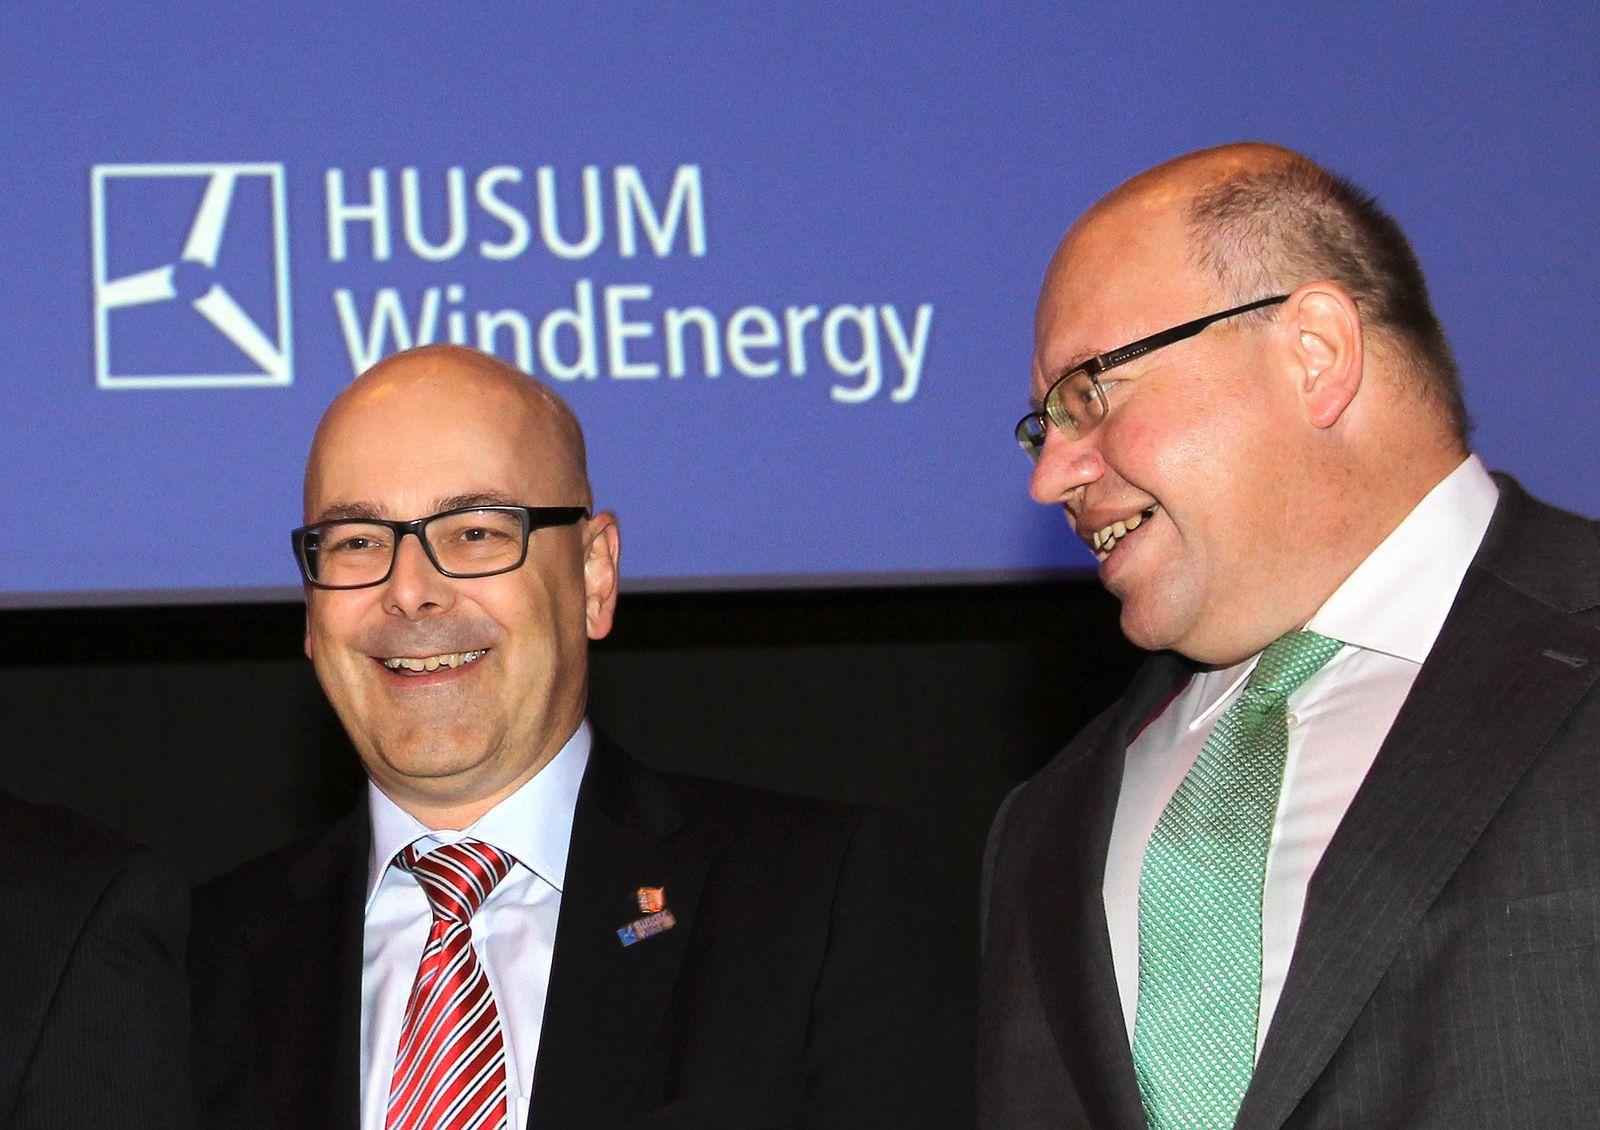 Husum WindEnergy 2012 Altmaier Albig (Kopie)